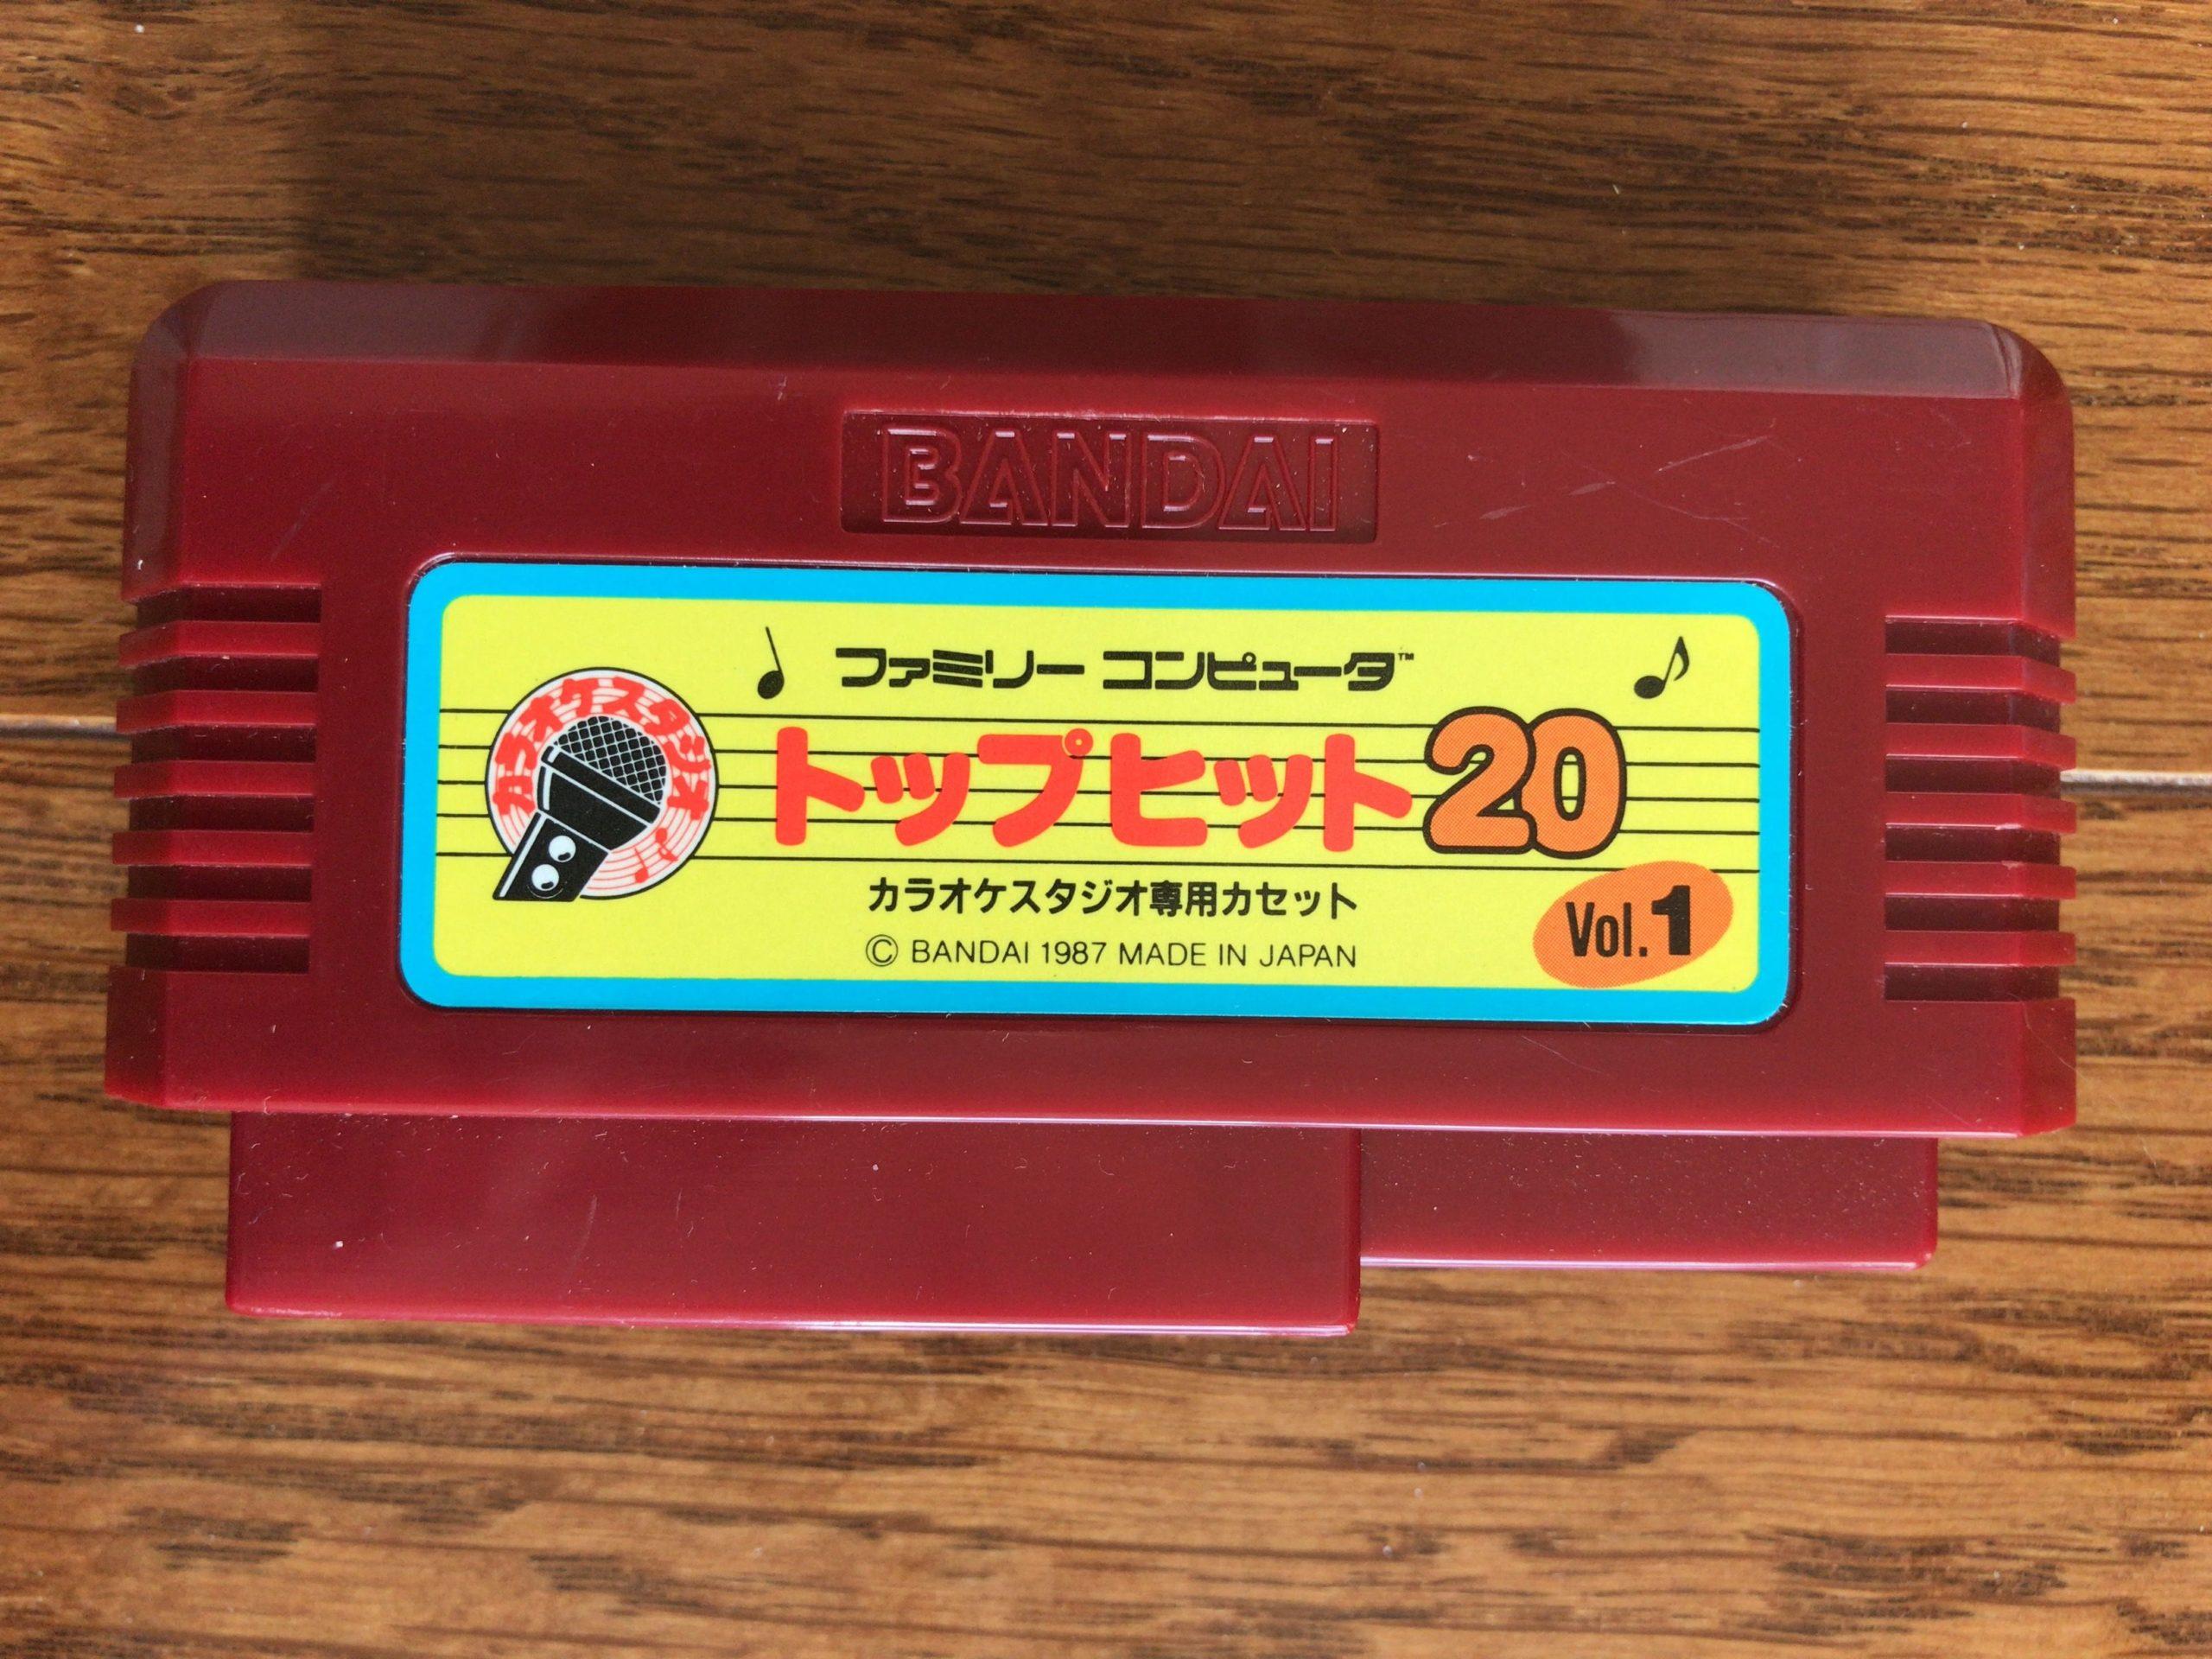 ファミコンカセット本日の成果は1本手に入れました